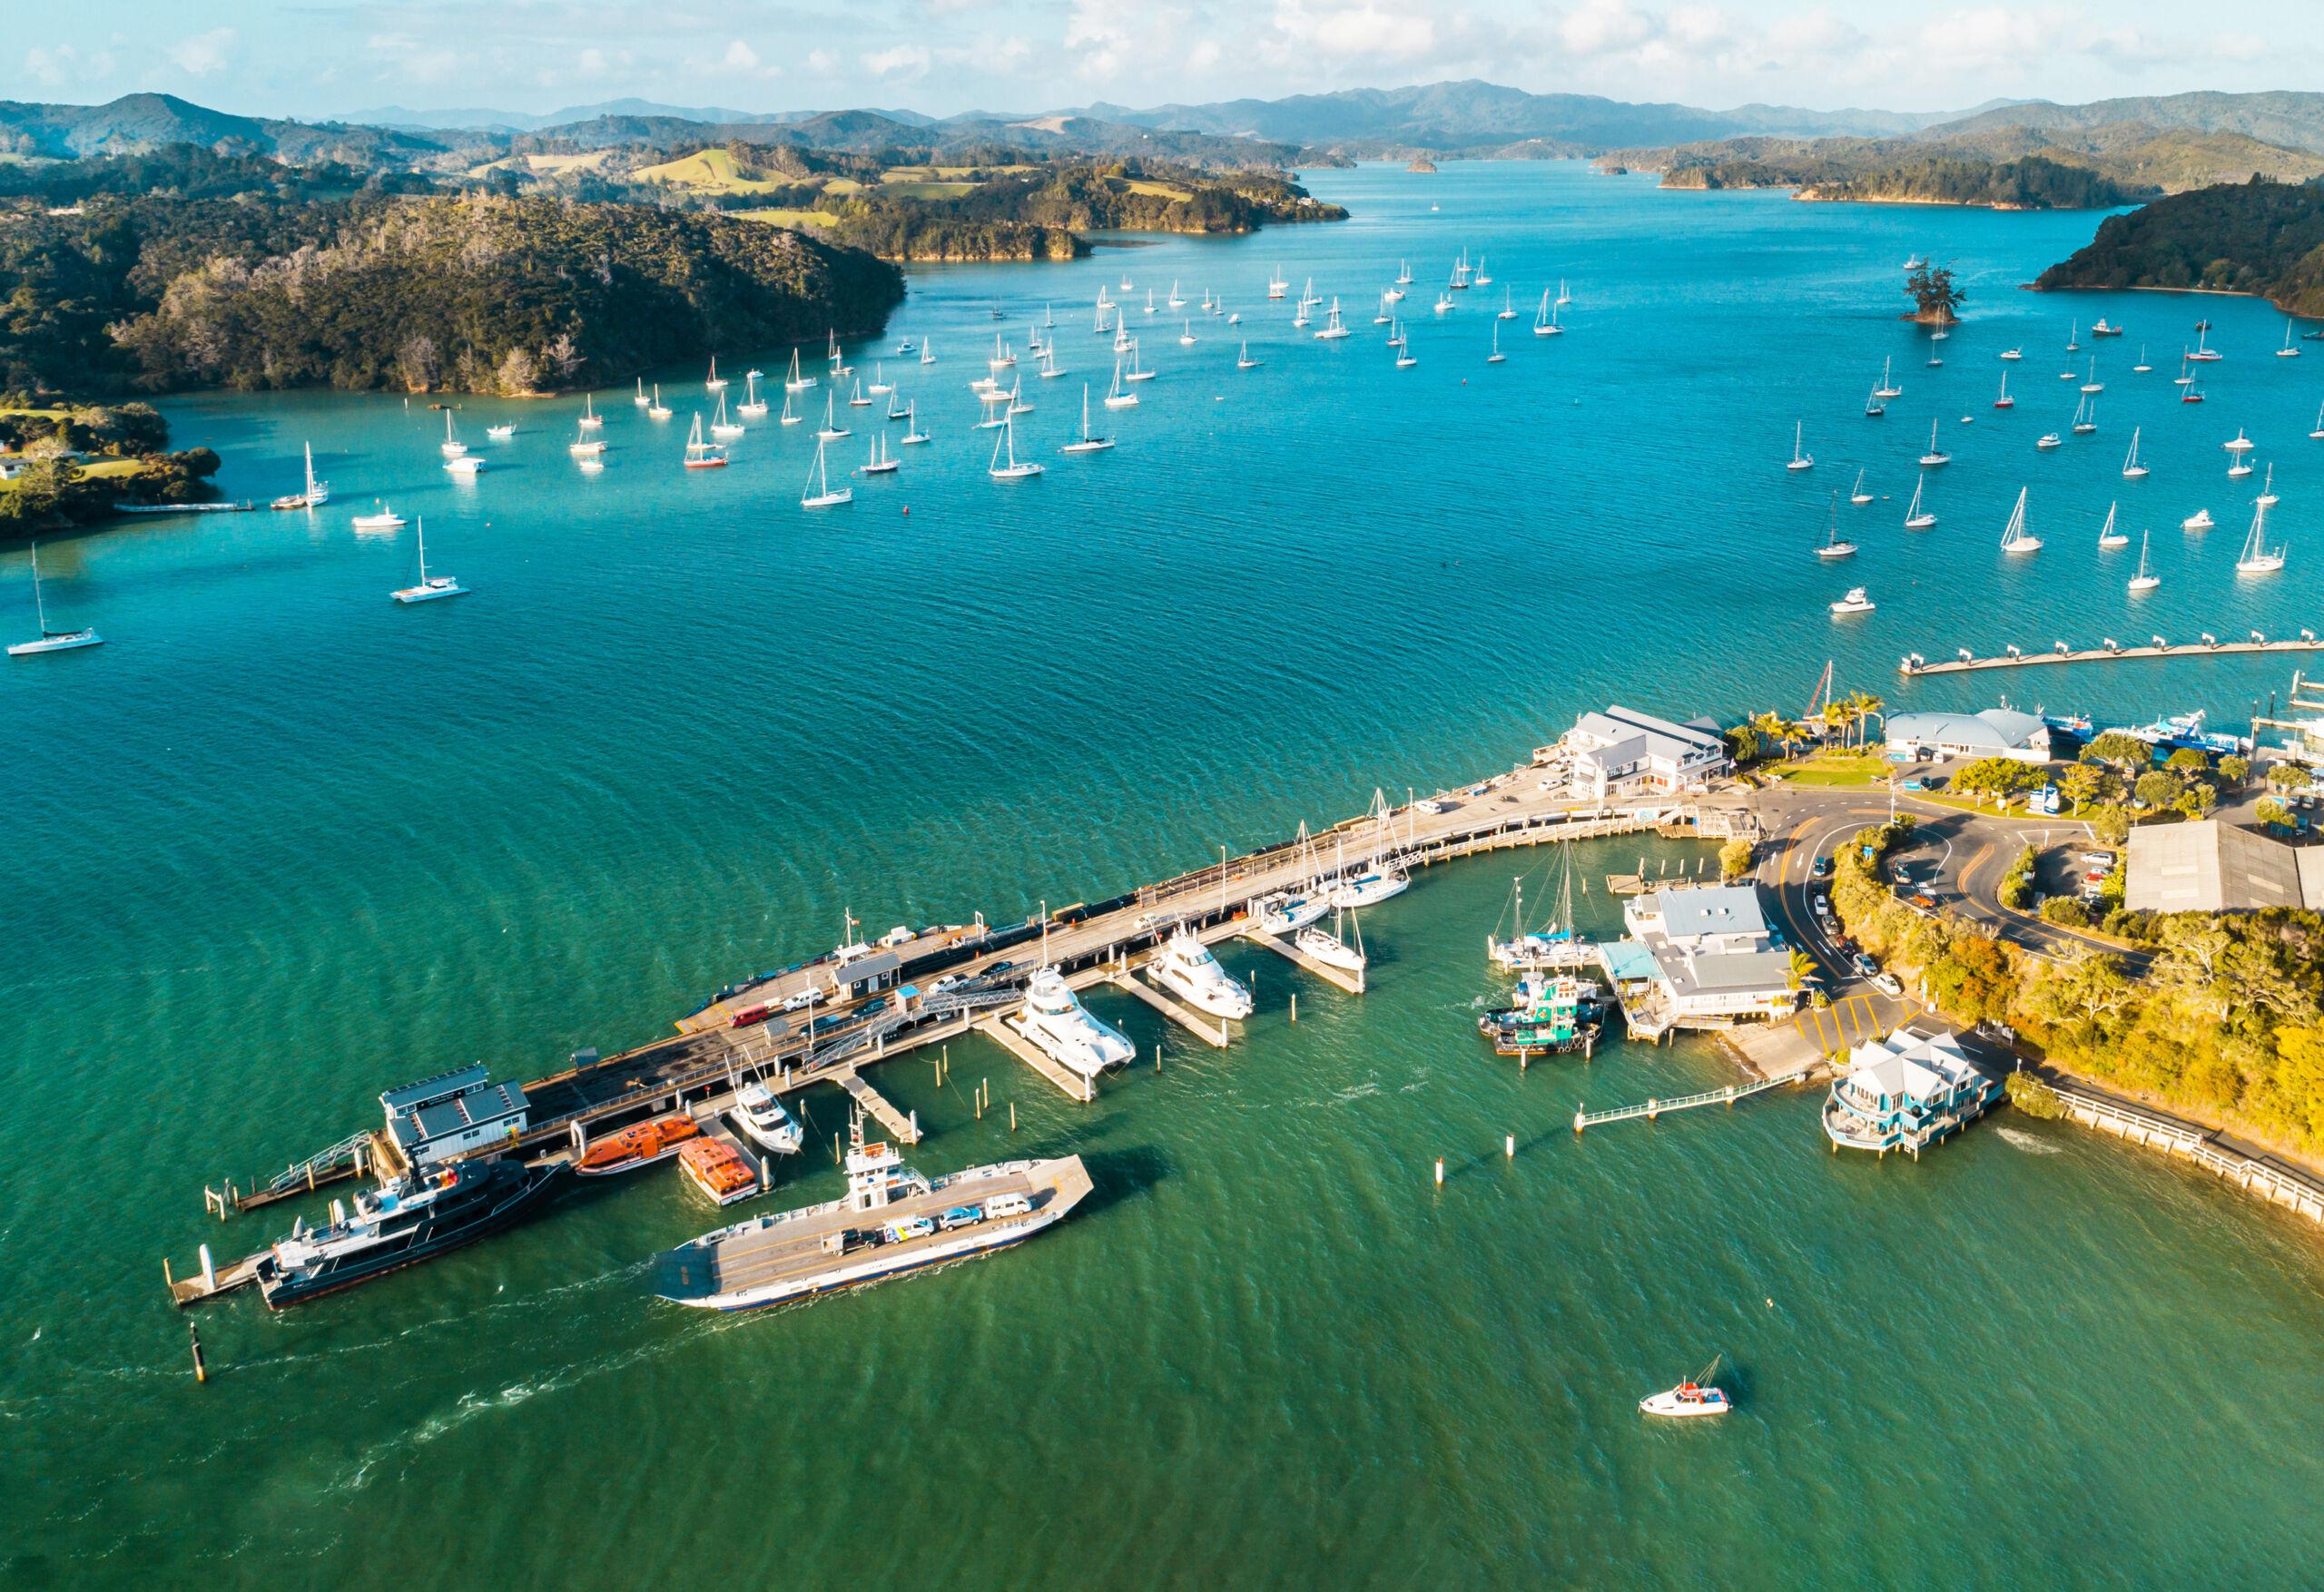 Bay of Island Ferry